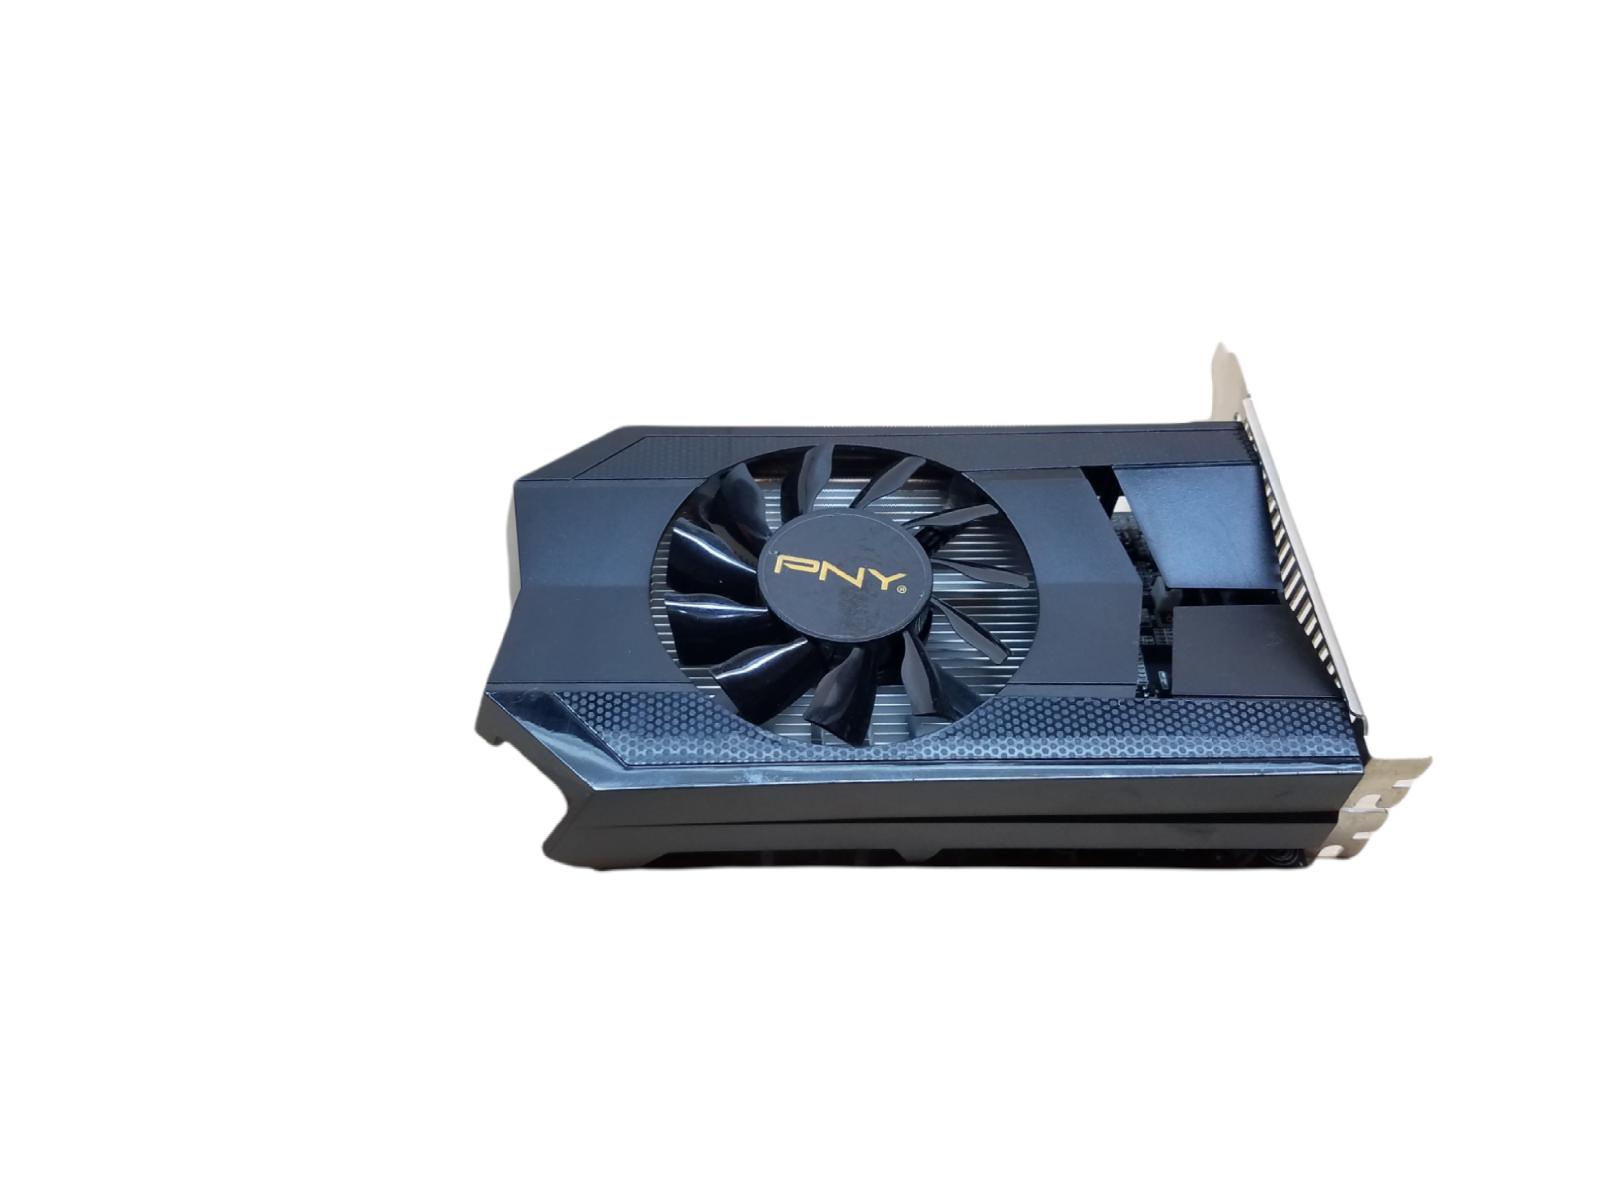 PNY Geforce GTX 650 Ti 2GB GDDR5 HDMI DVI-D DVI-I Video Graphics Card